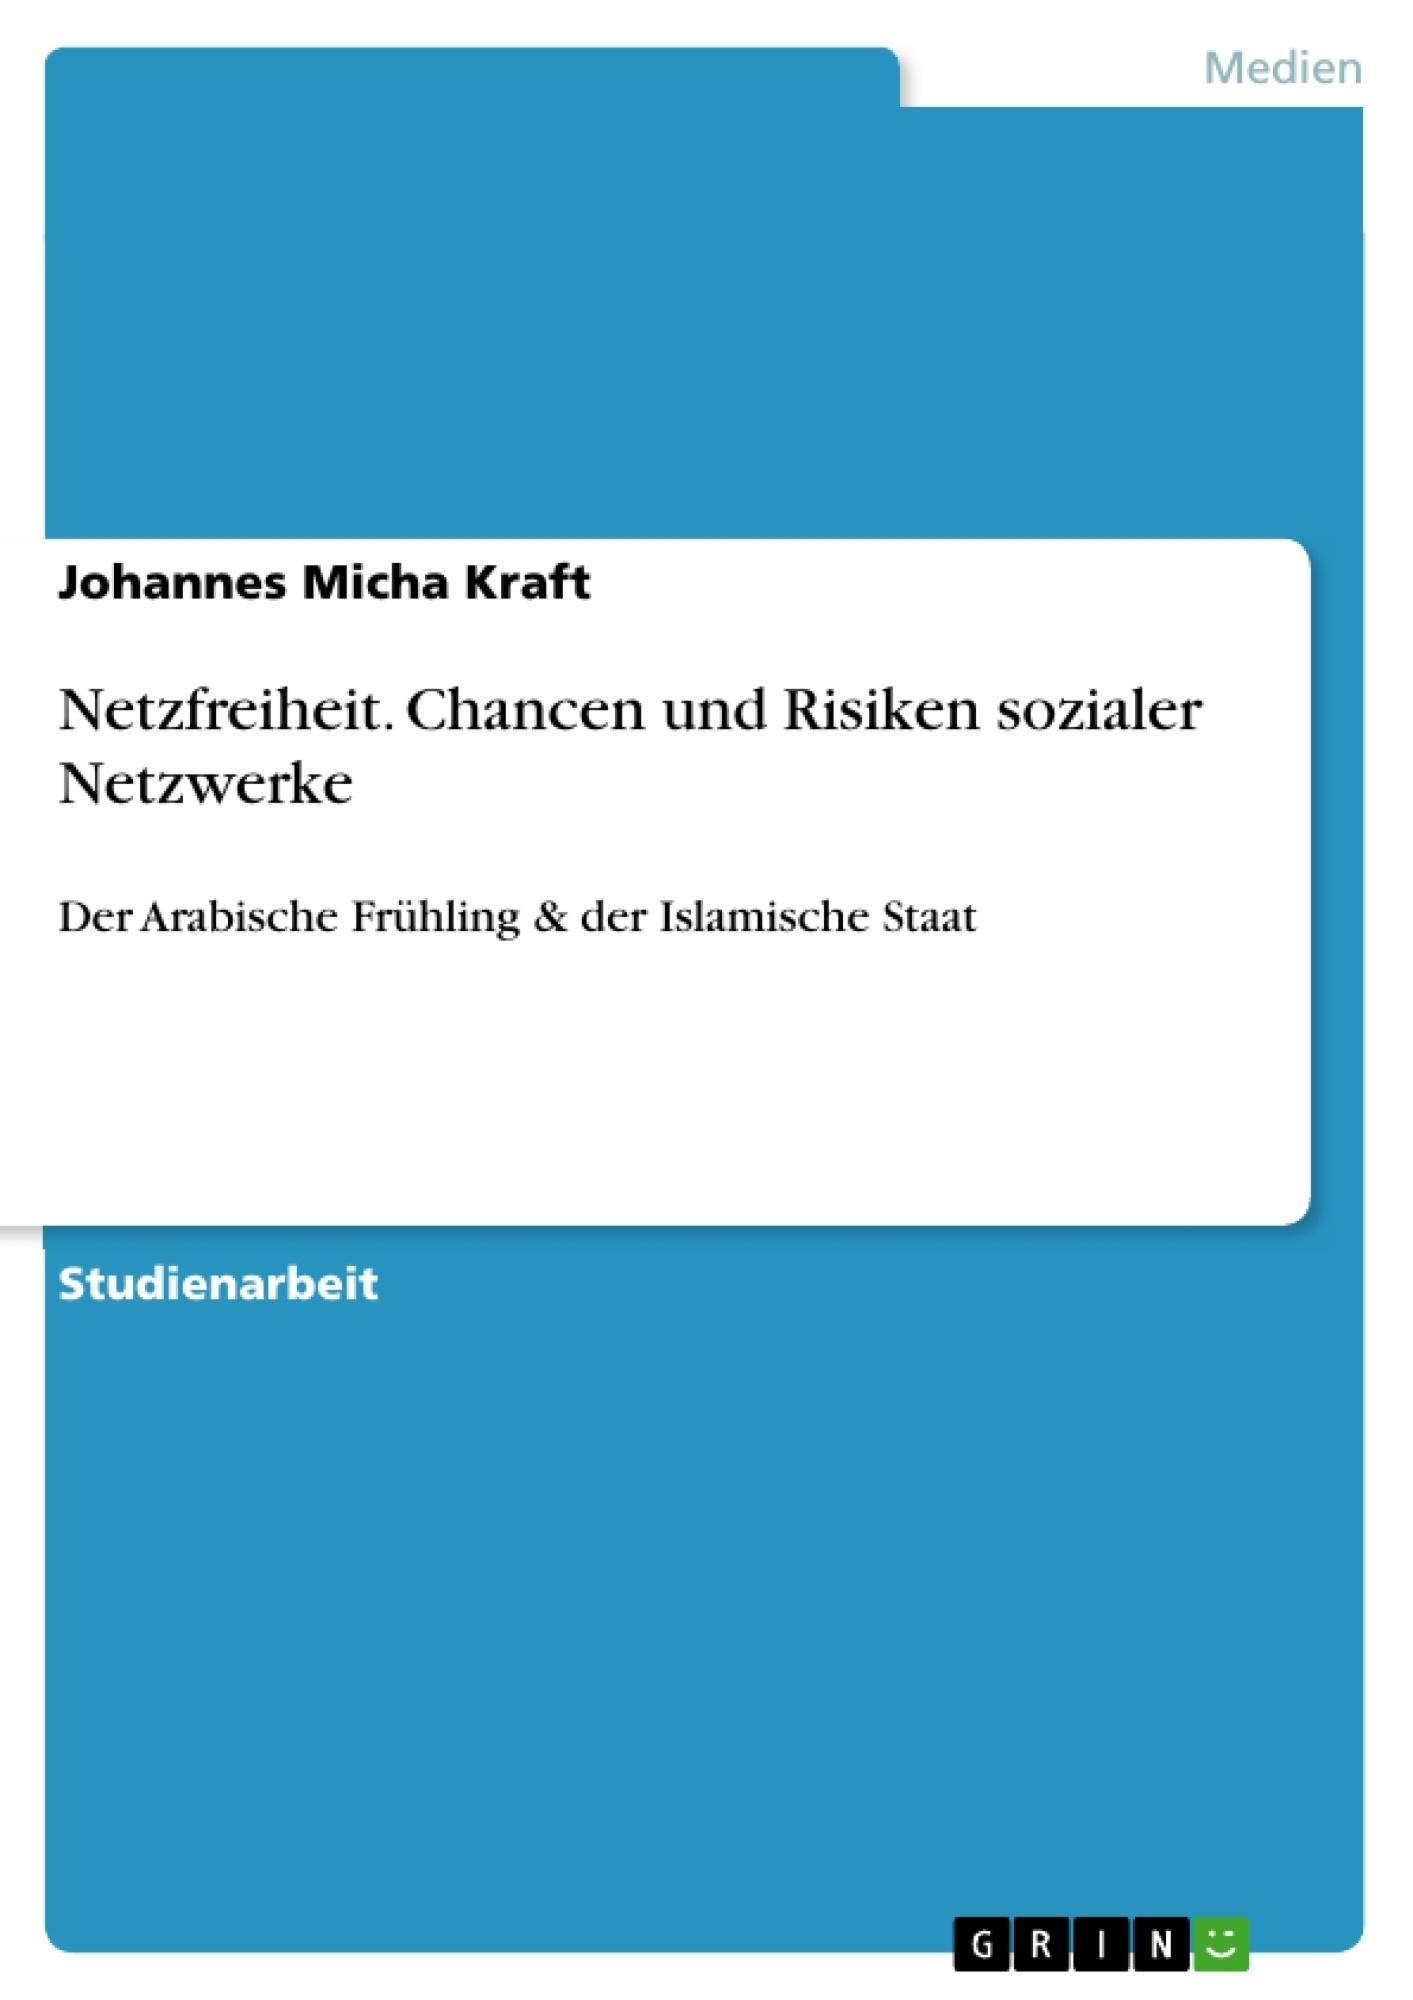 Titel: Netzfreiheit. Chancen und Risiken sozialer Netzwerke